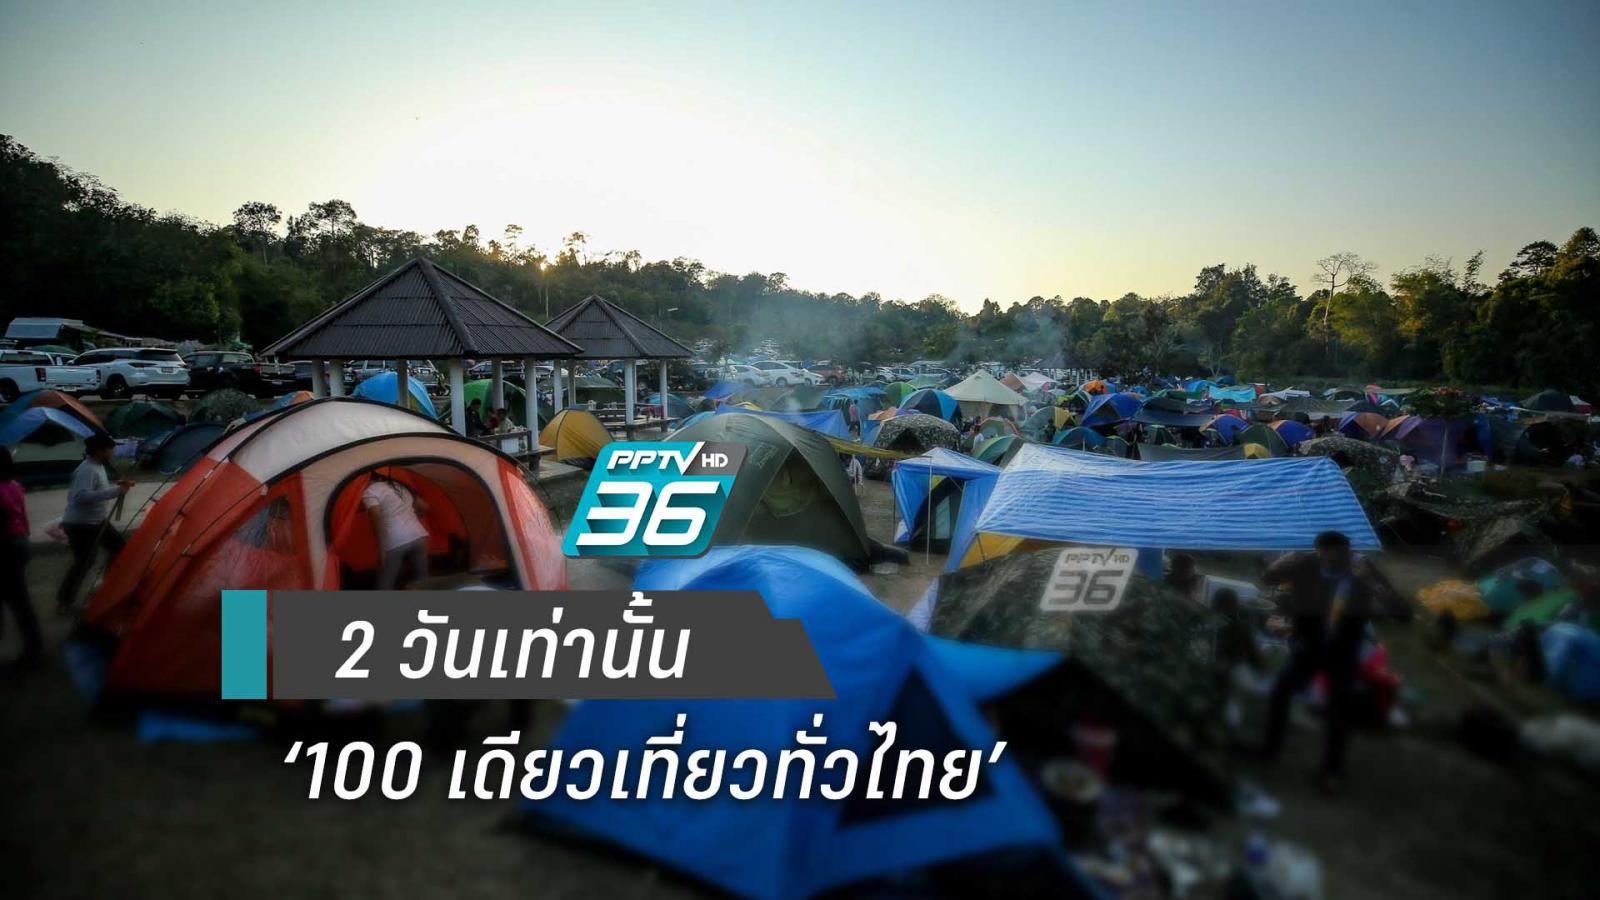 """2 วันเท่านั้น! 11-12 ธ.ค. ลงทะเบียนใช้สิทธิ์ """"100 เดียวเที่ยวทั่วไทย"""""""